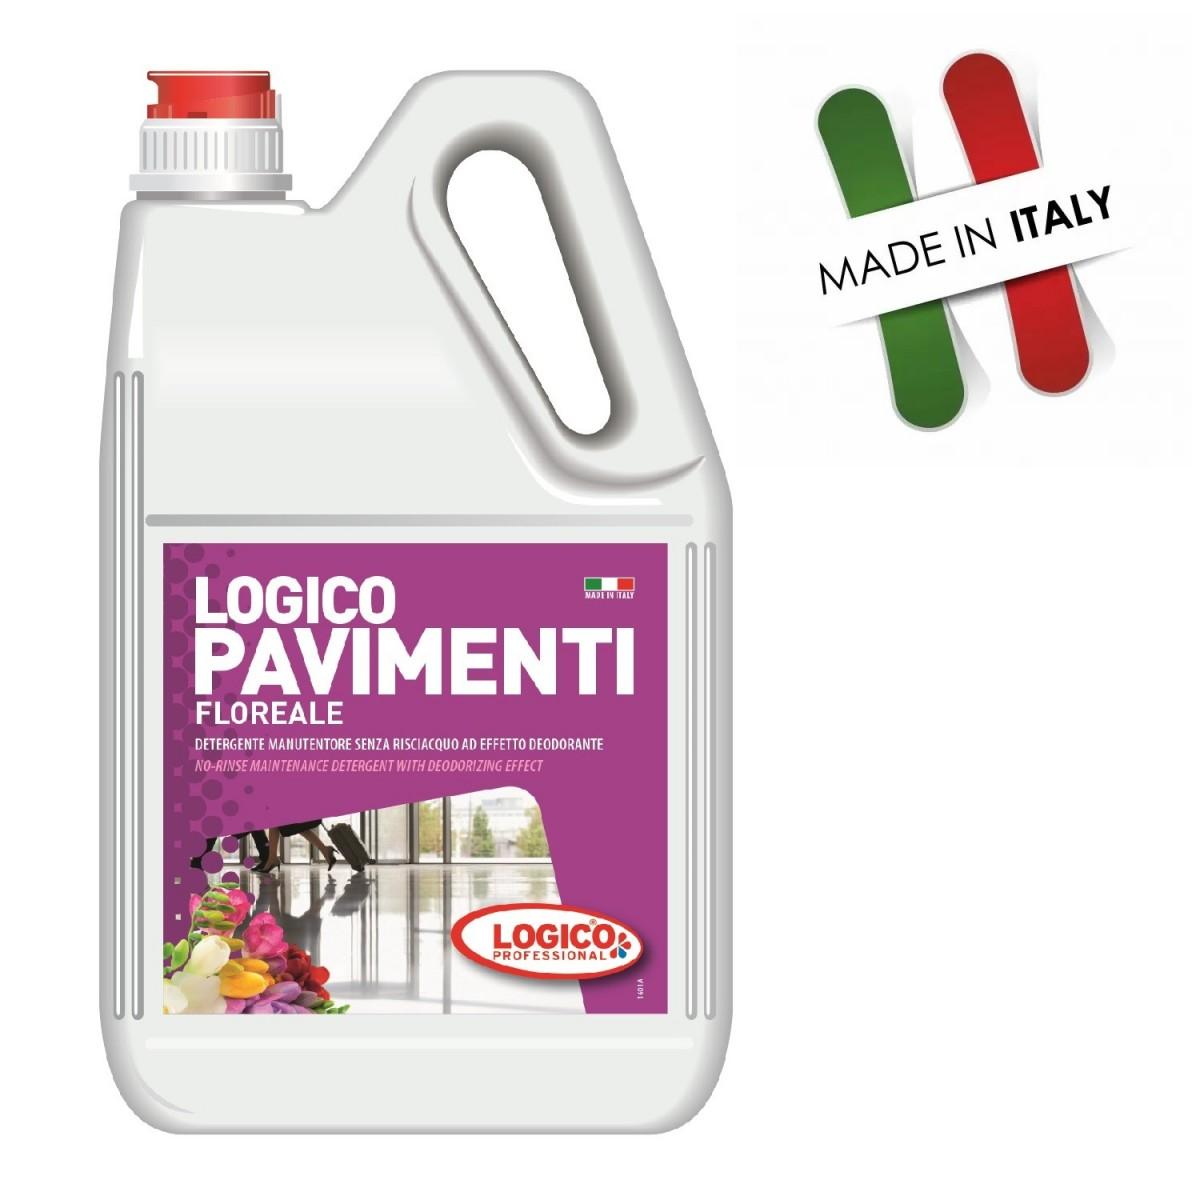 Detergente manutentore 5 kg.